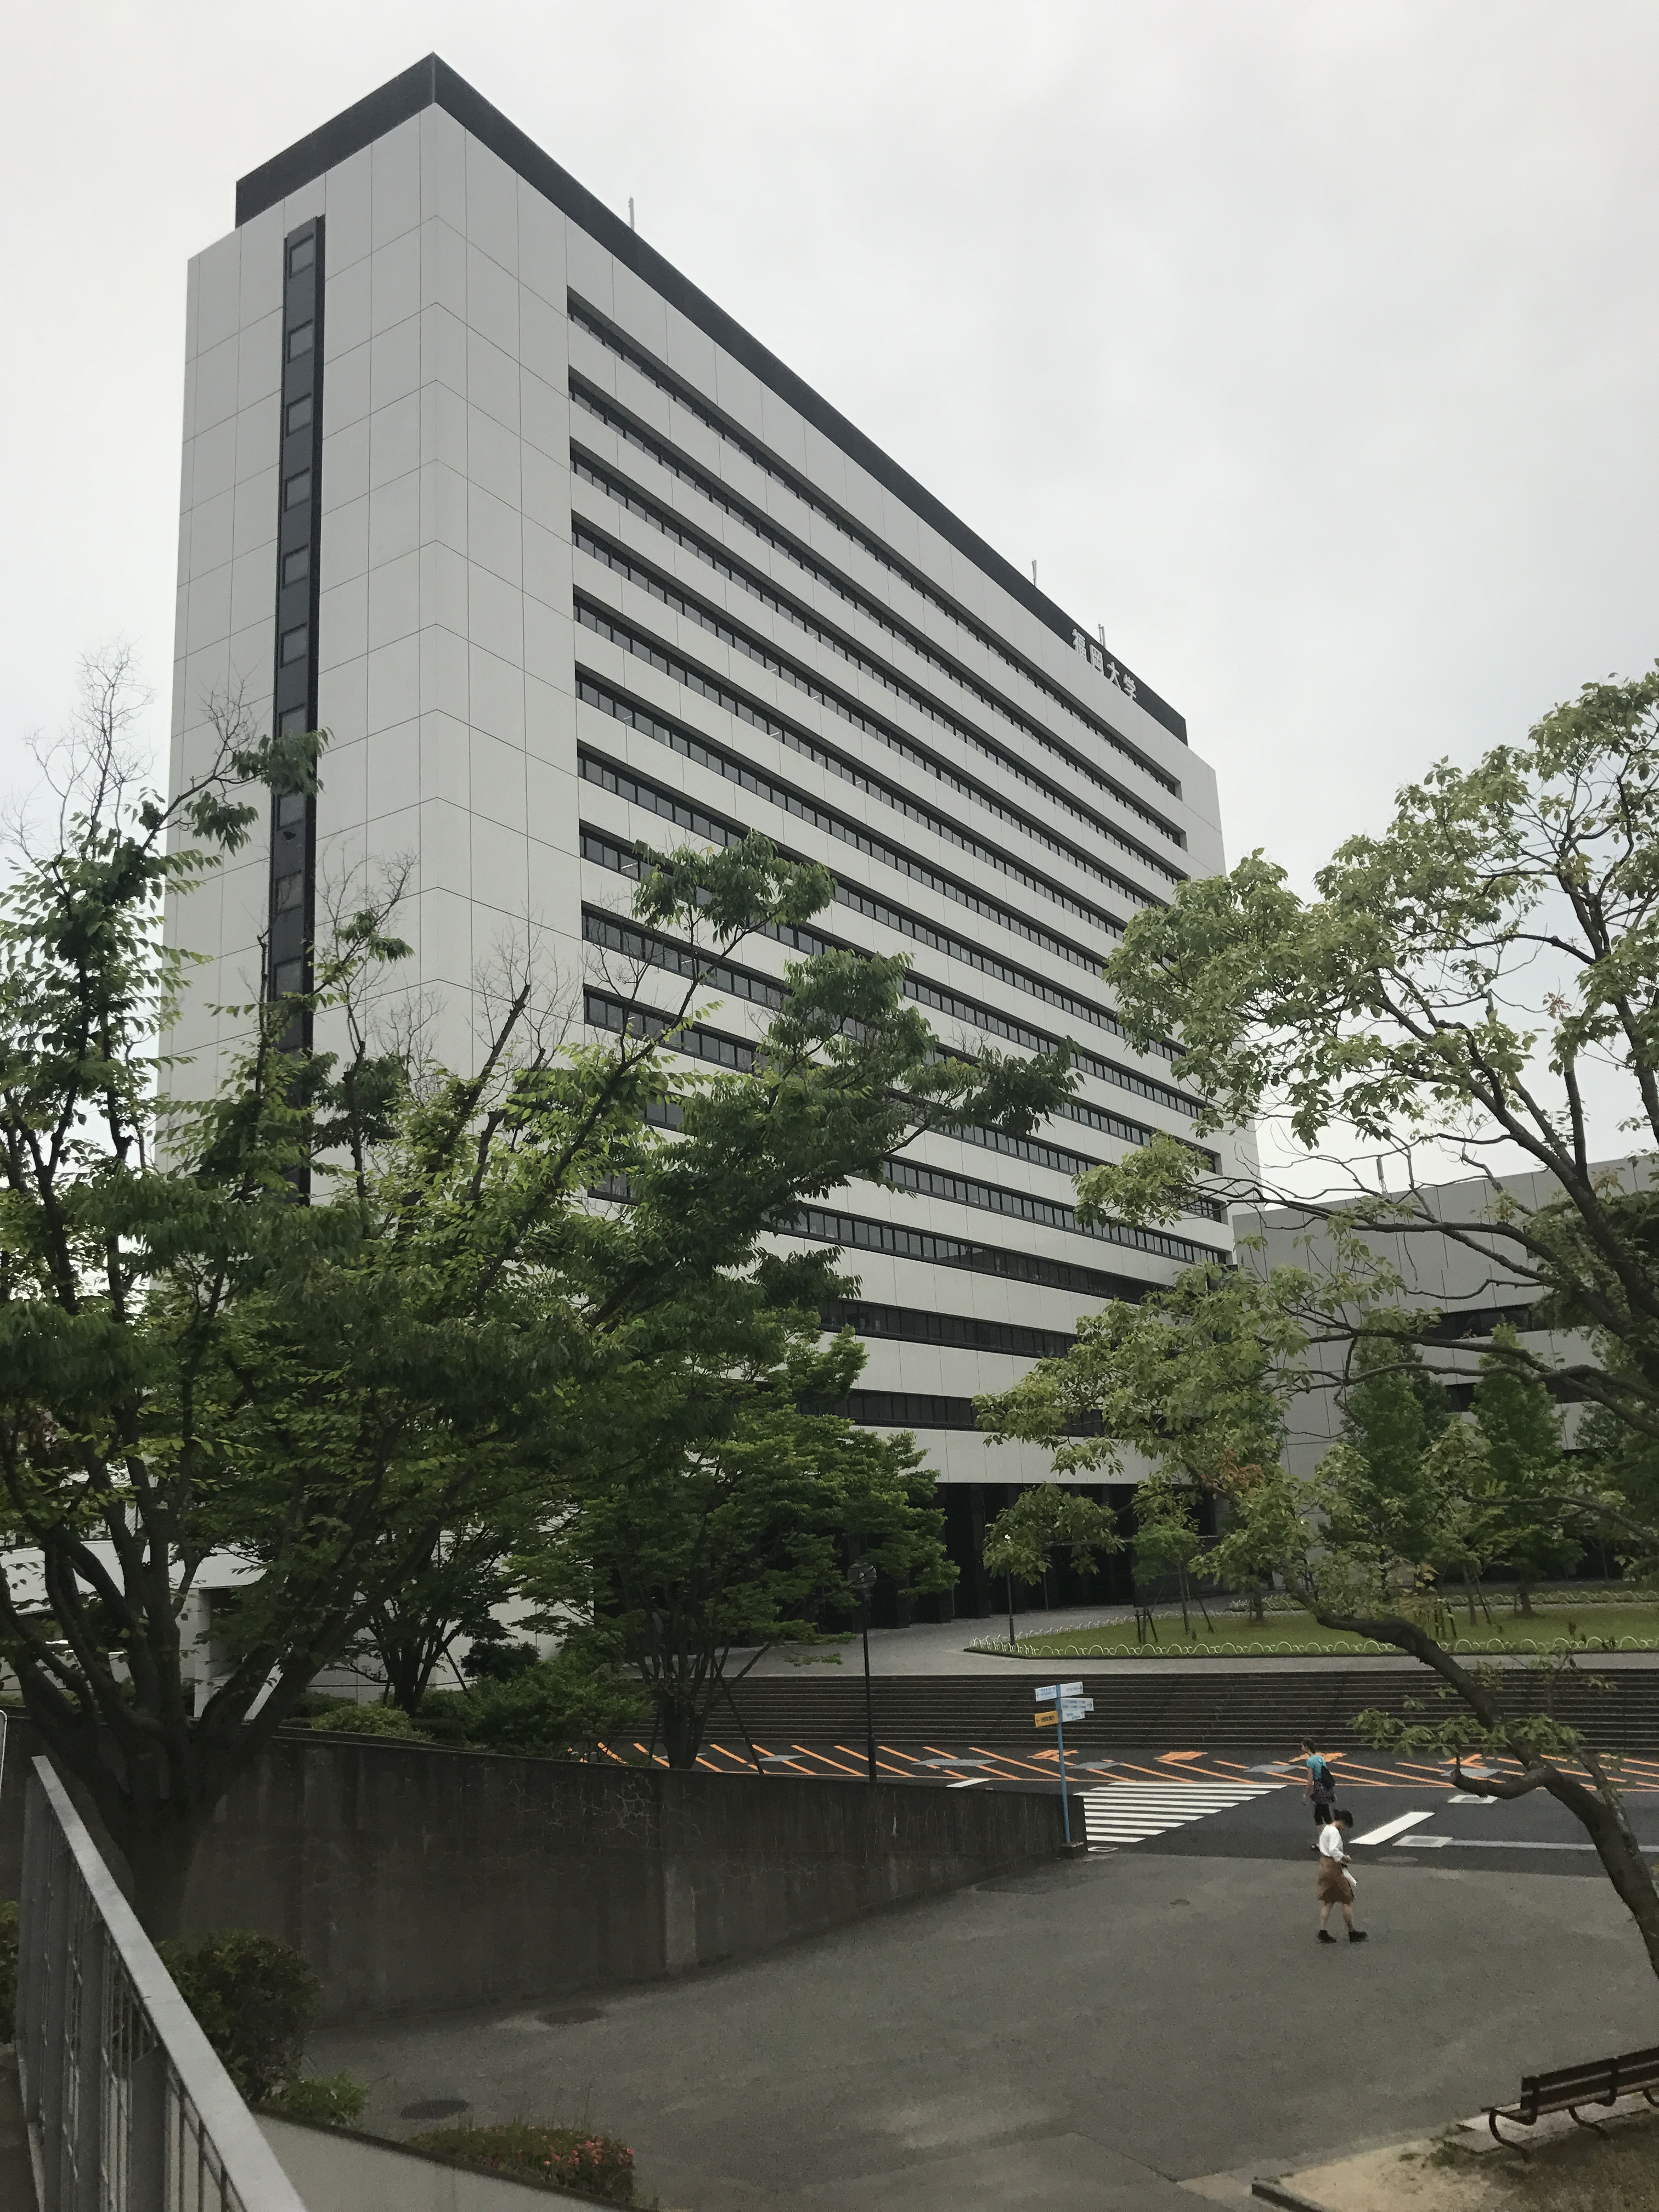 ぶらり福岡大学…とはいきませんが